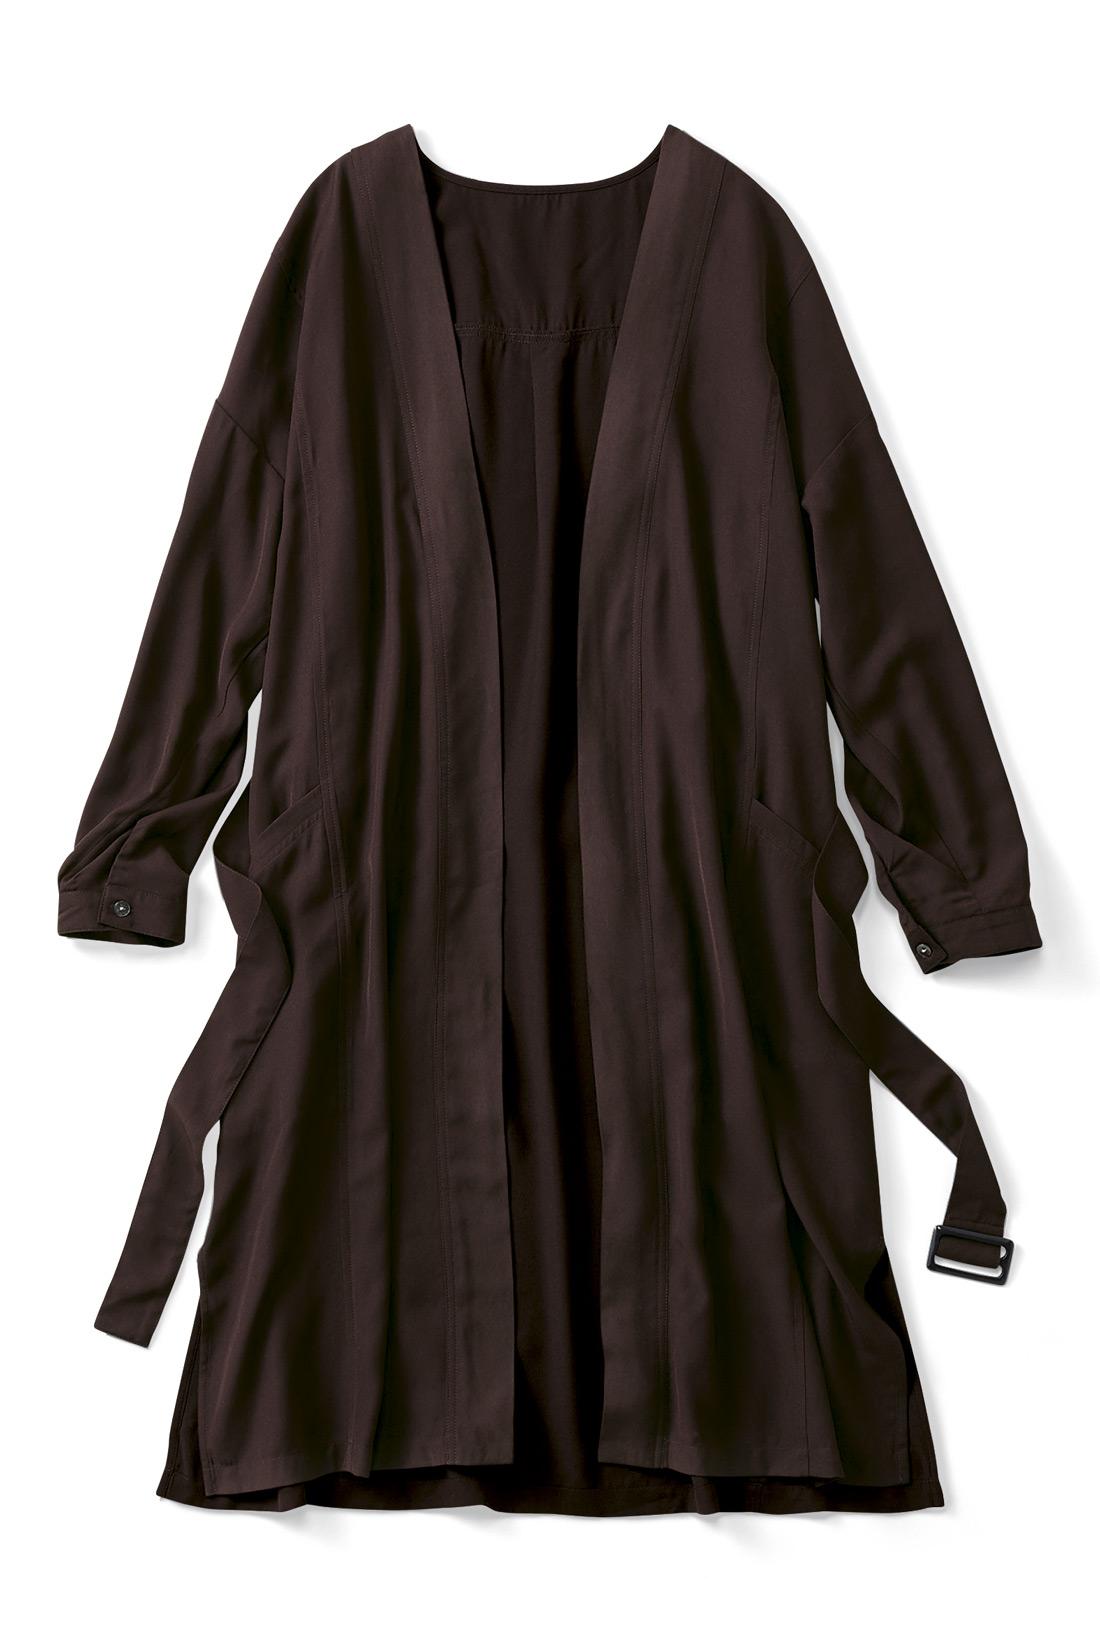 【てろりんカーディガン】ロングカーデも旬のブラウンで今年顔に。てろんとした布はくの落ち感が作る縦ラインが、からだをすっきり見せてくれますよ。